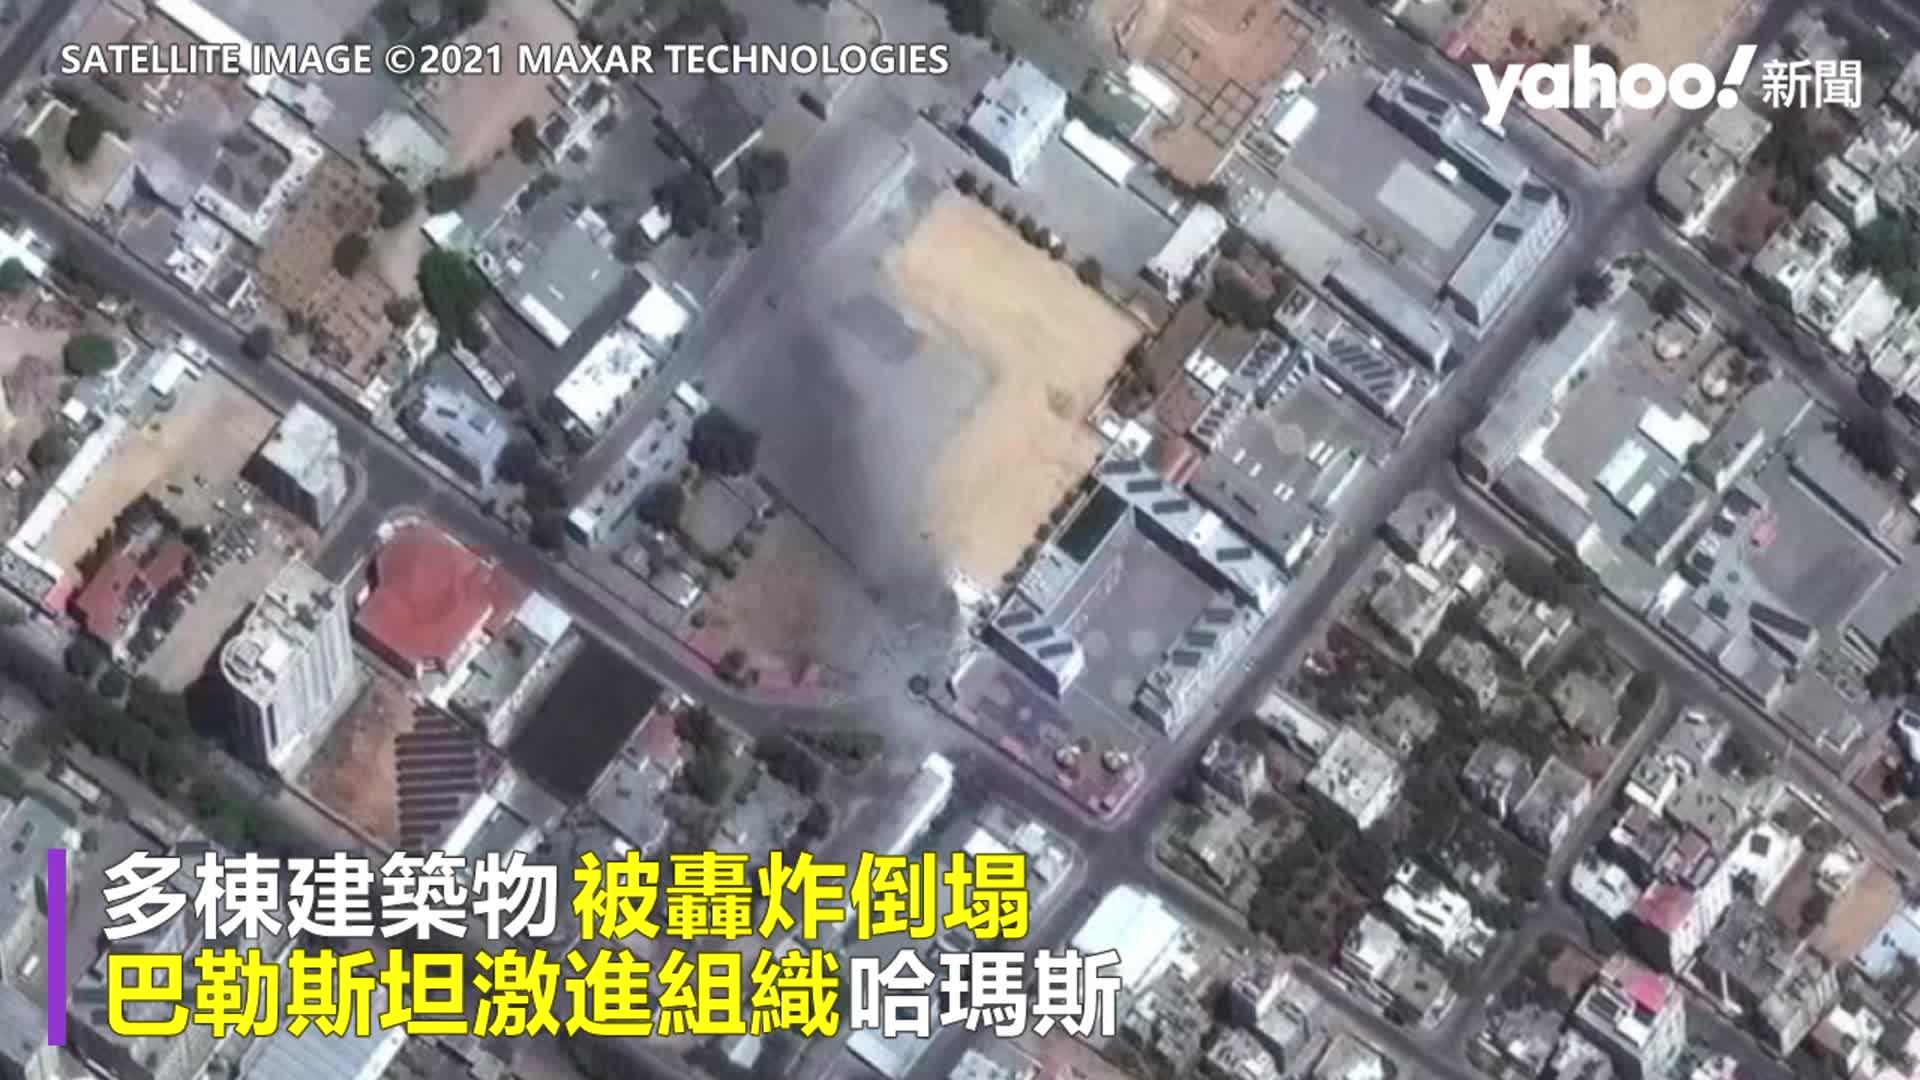 以巴瀕全面開戰 以色列地面部隊正式進攻 衛星照直擊加薩走廊遭狂轟慘況